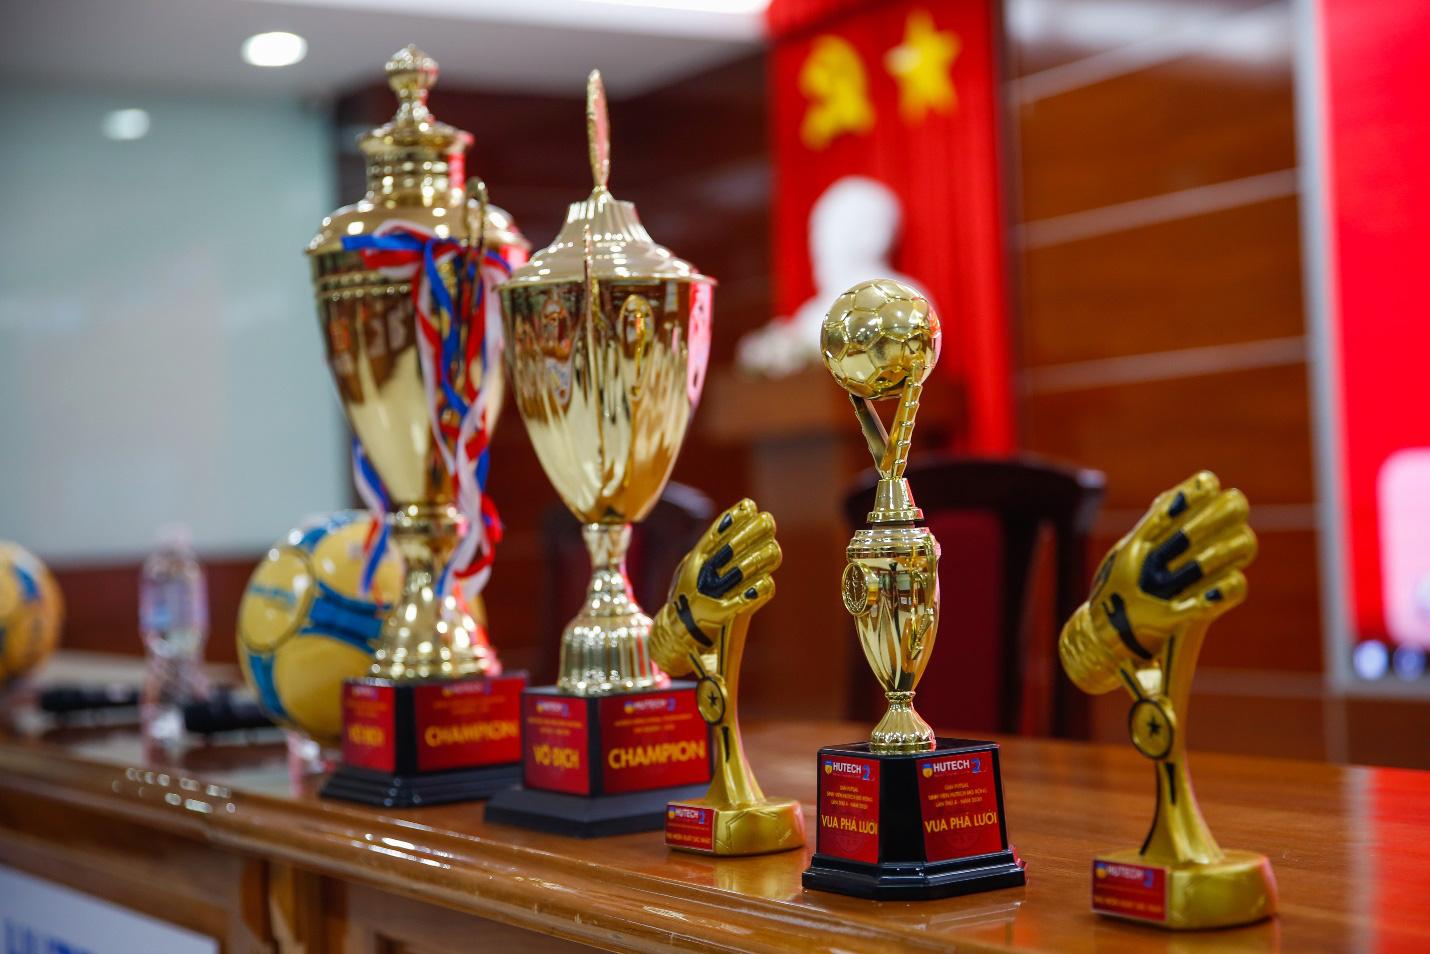 19 trường Đại học, Cao đẳng tranh cúp Futsal Sinh viên HUTECH mở rộng lần 4 - 2020 - Ảnh 3.